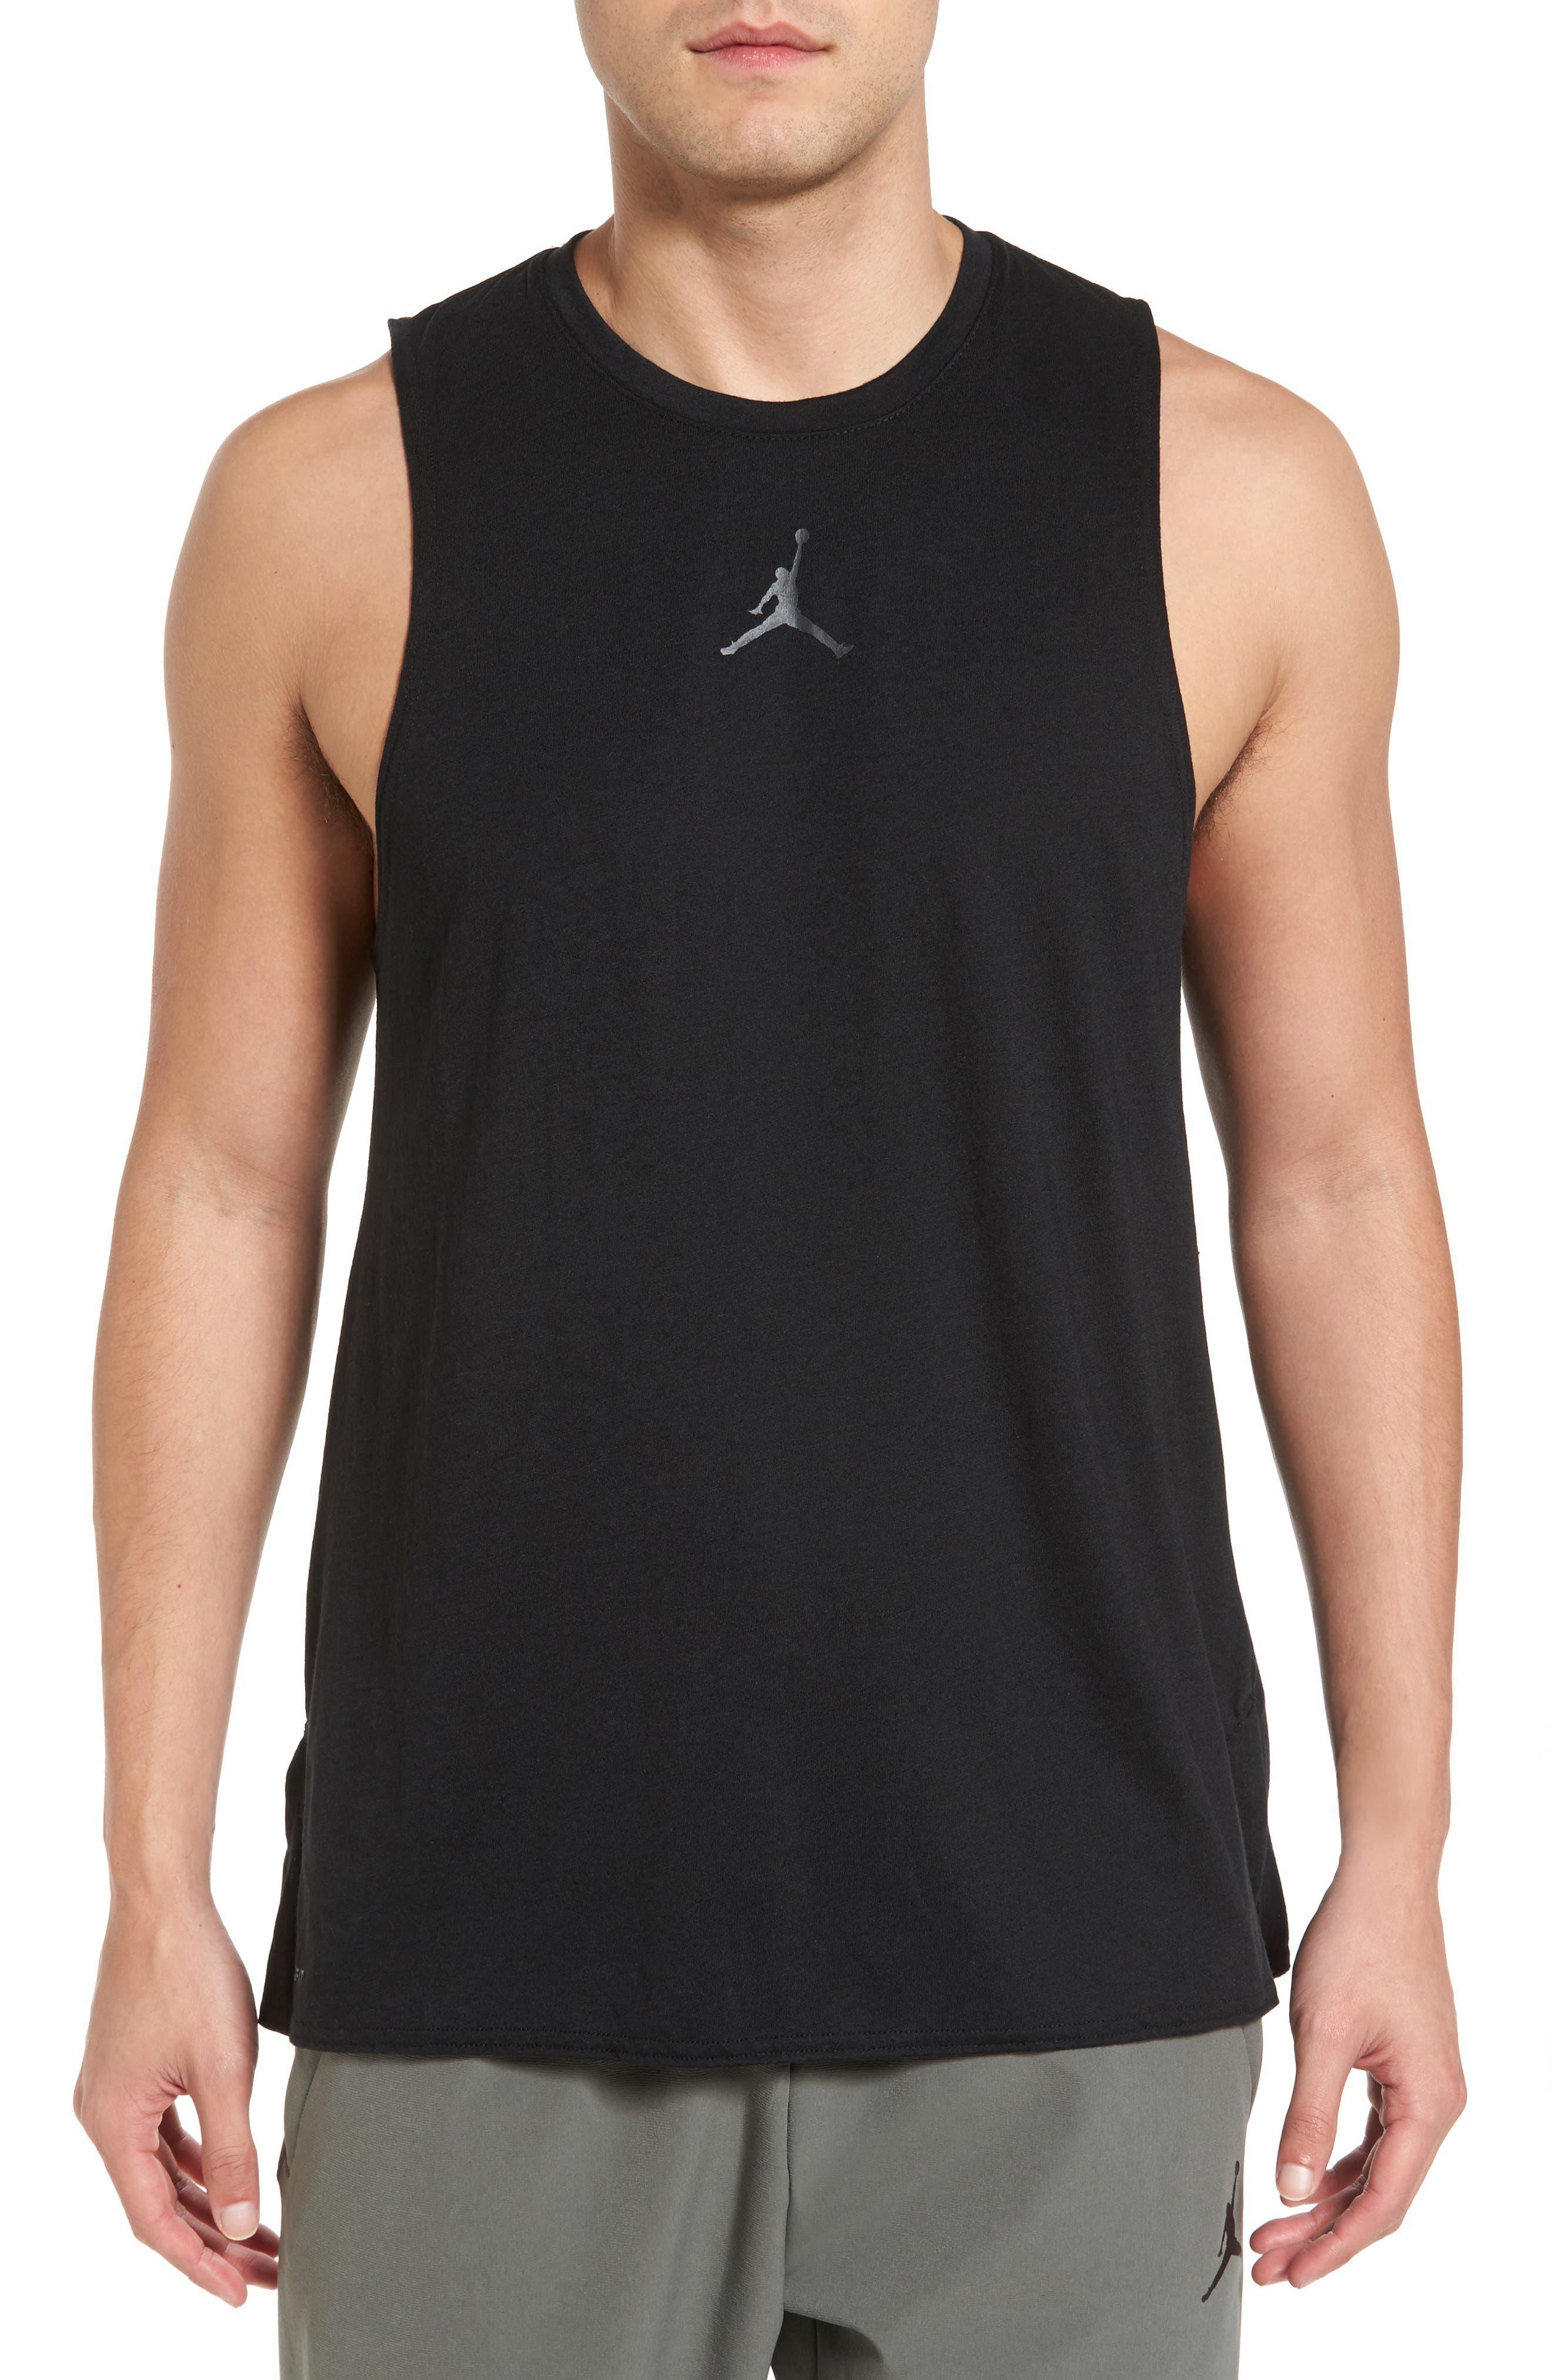 Main Image - Nike Jordan 23 Tech Tank